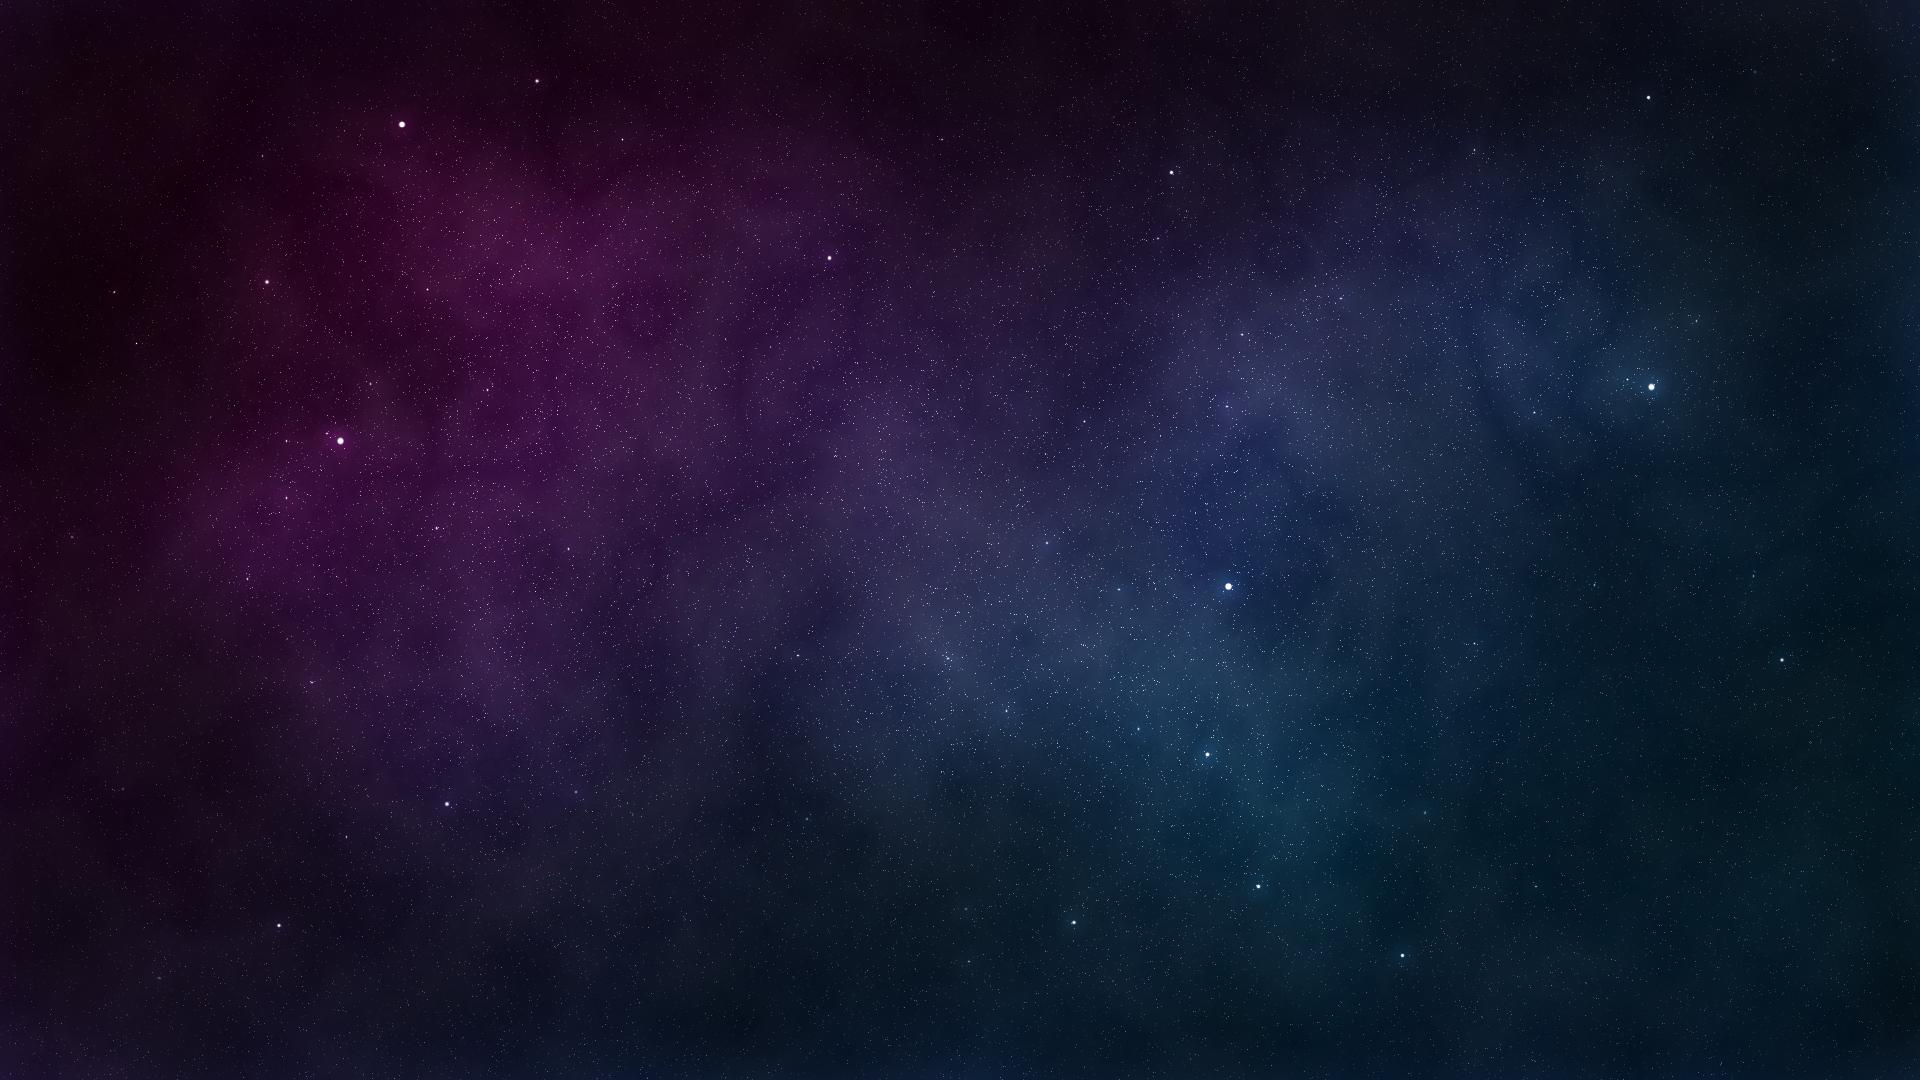 宇宙空間サムネイル背景画像赤色